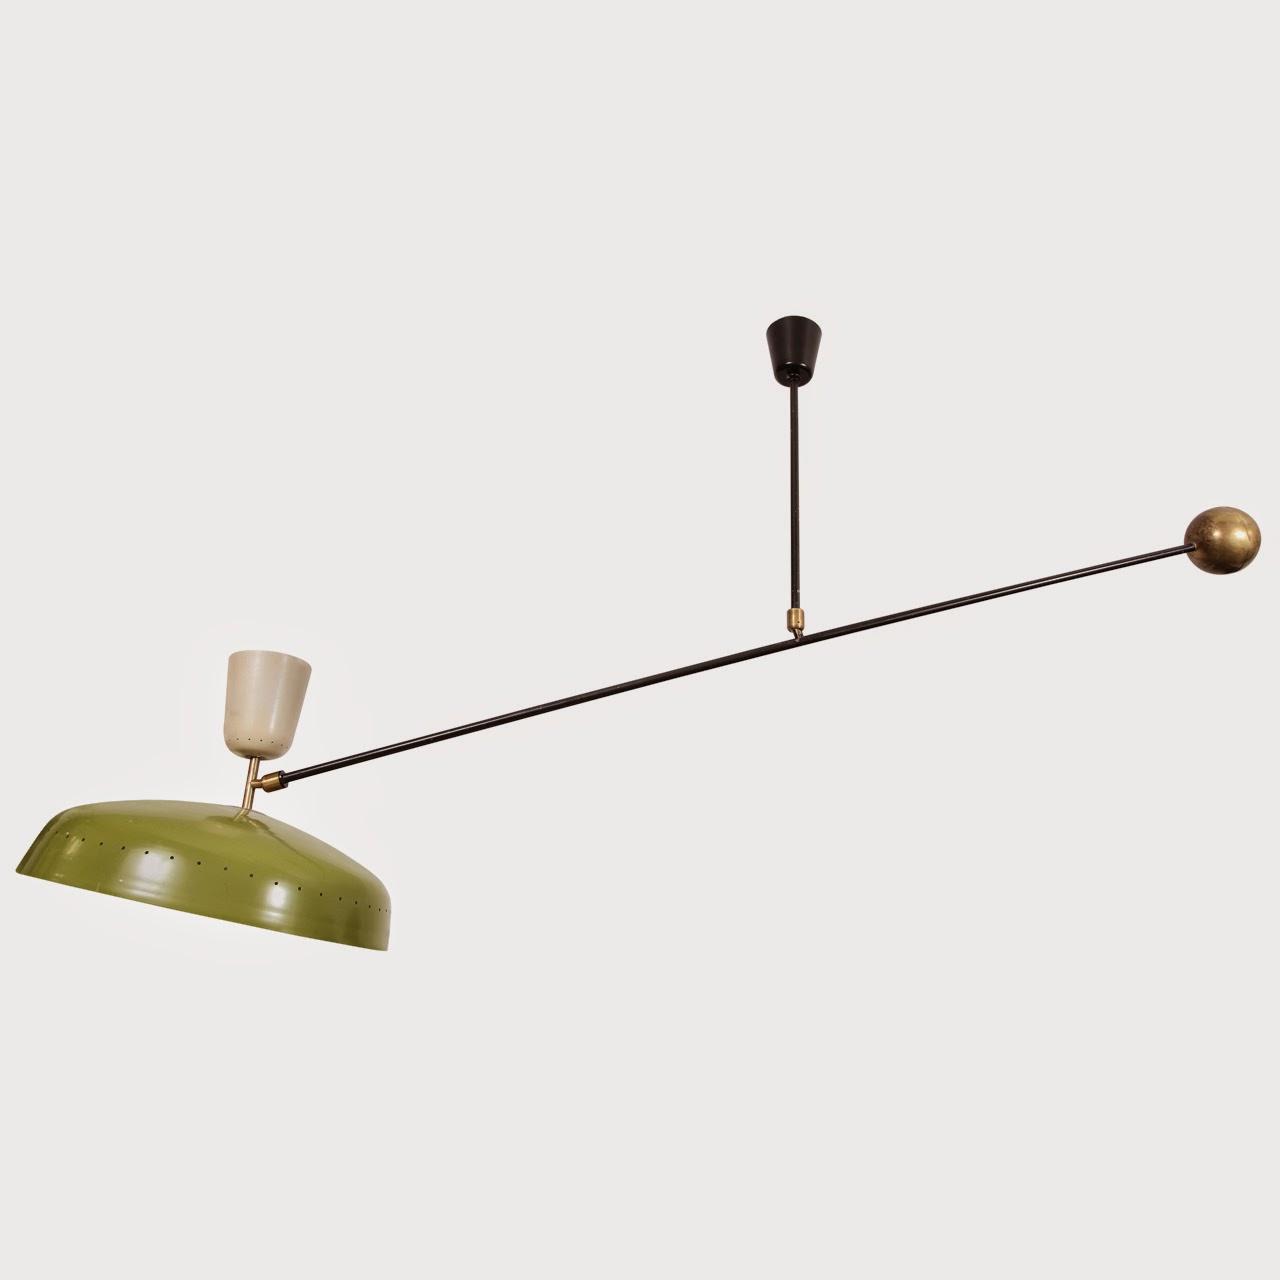 Genoeg Binnenkant : Elegante draaibare, verstelbare lampen uit de fifties NL24